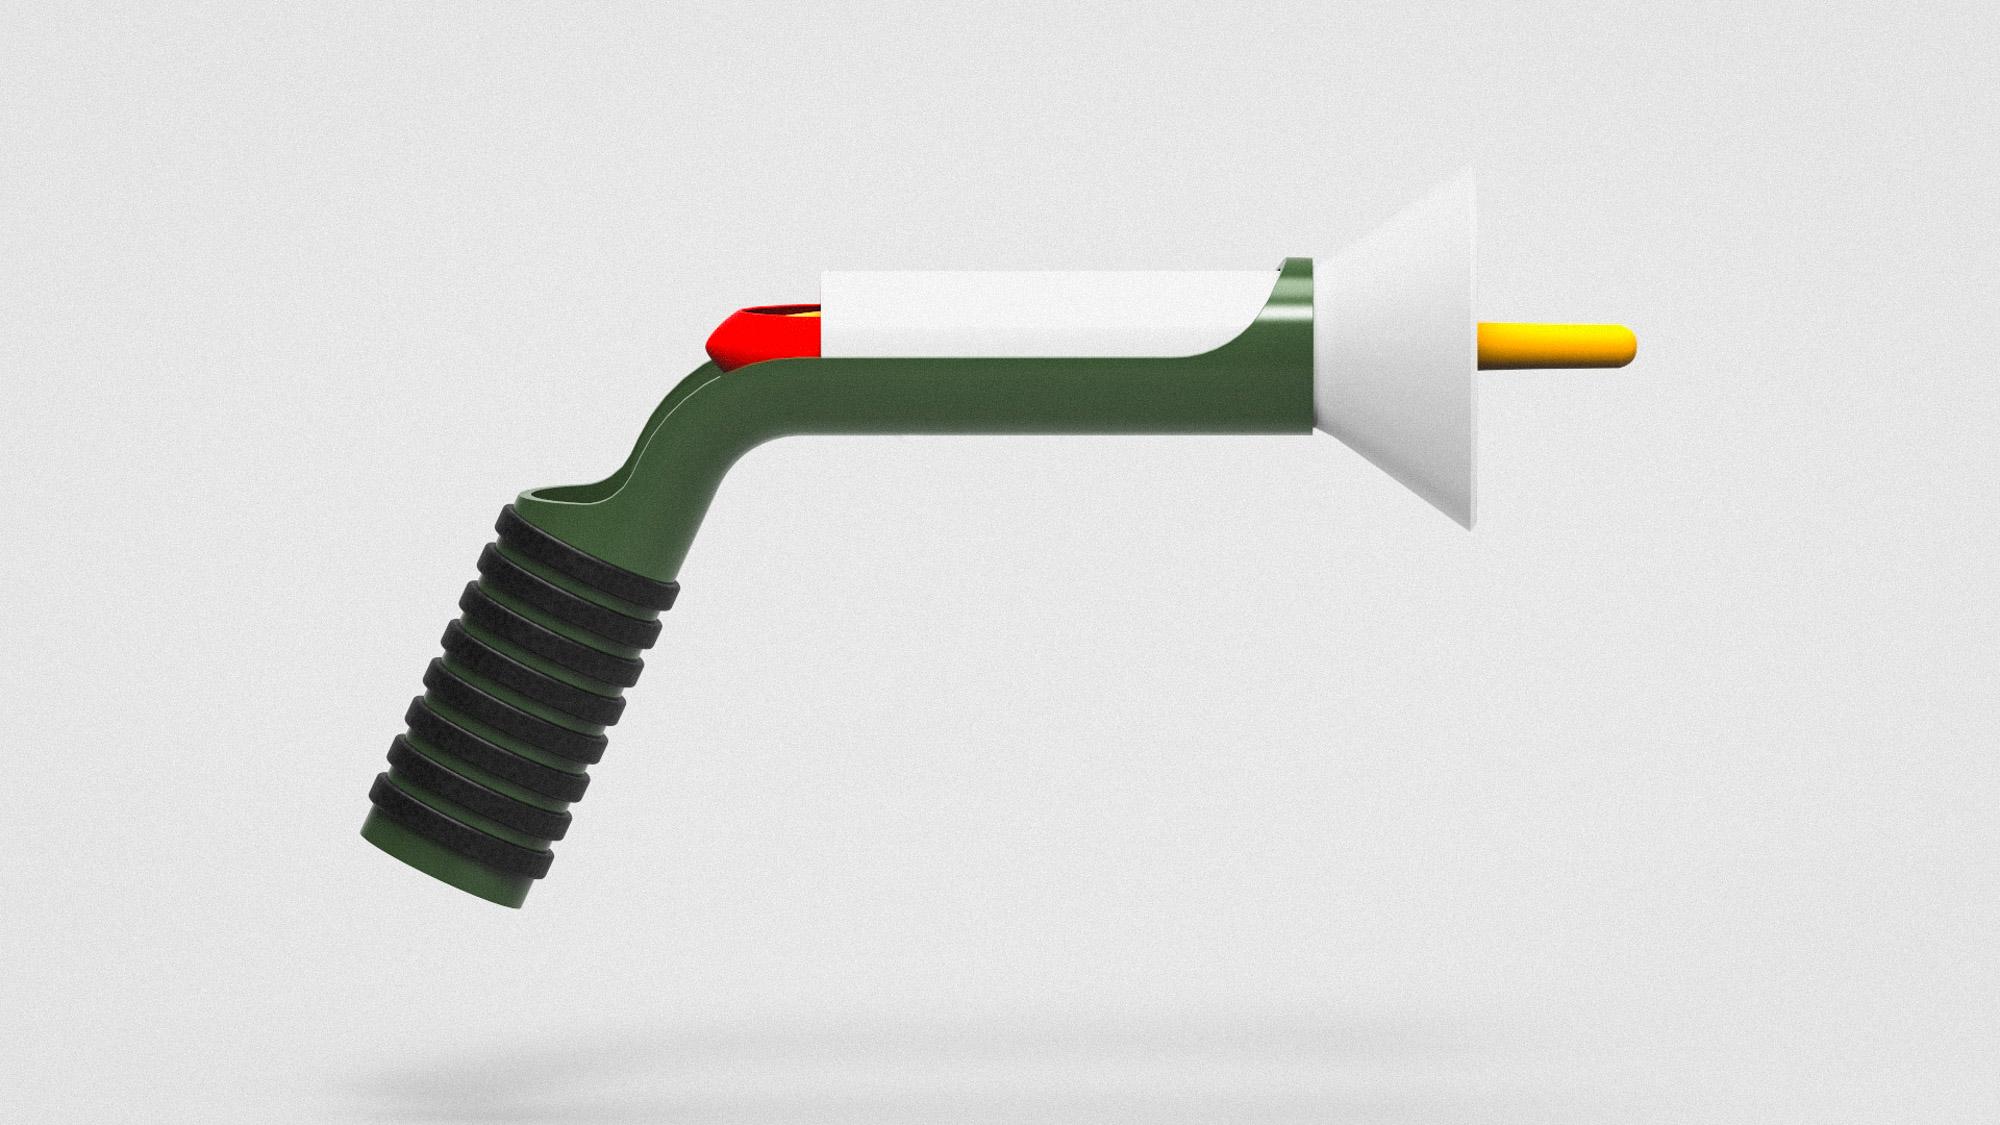 1-12-18 ray gun3*.jpg